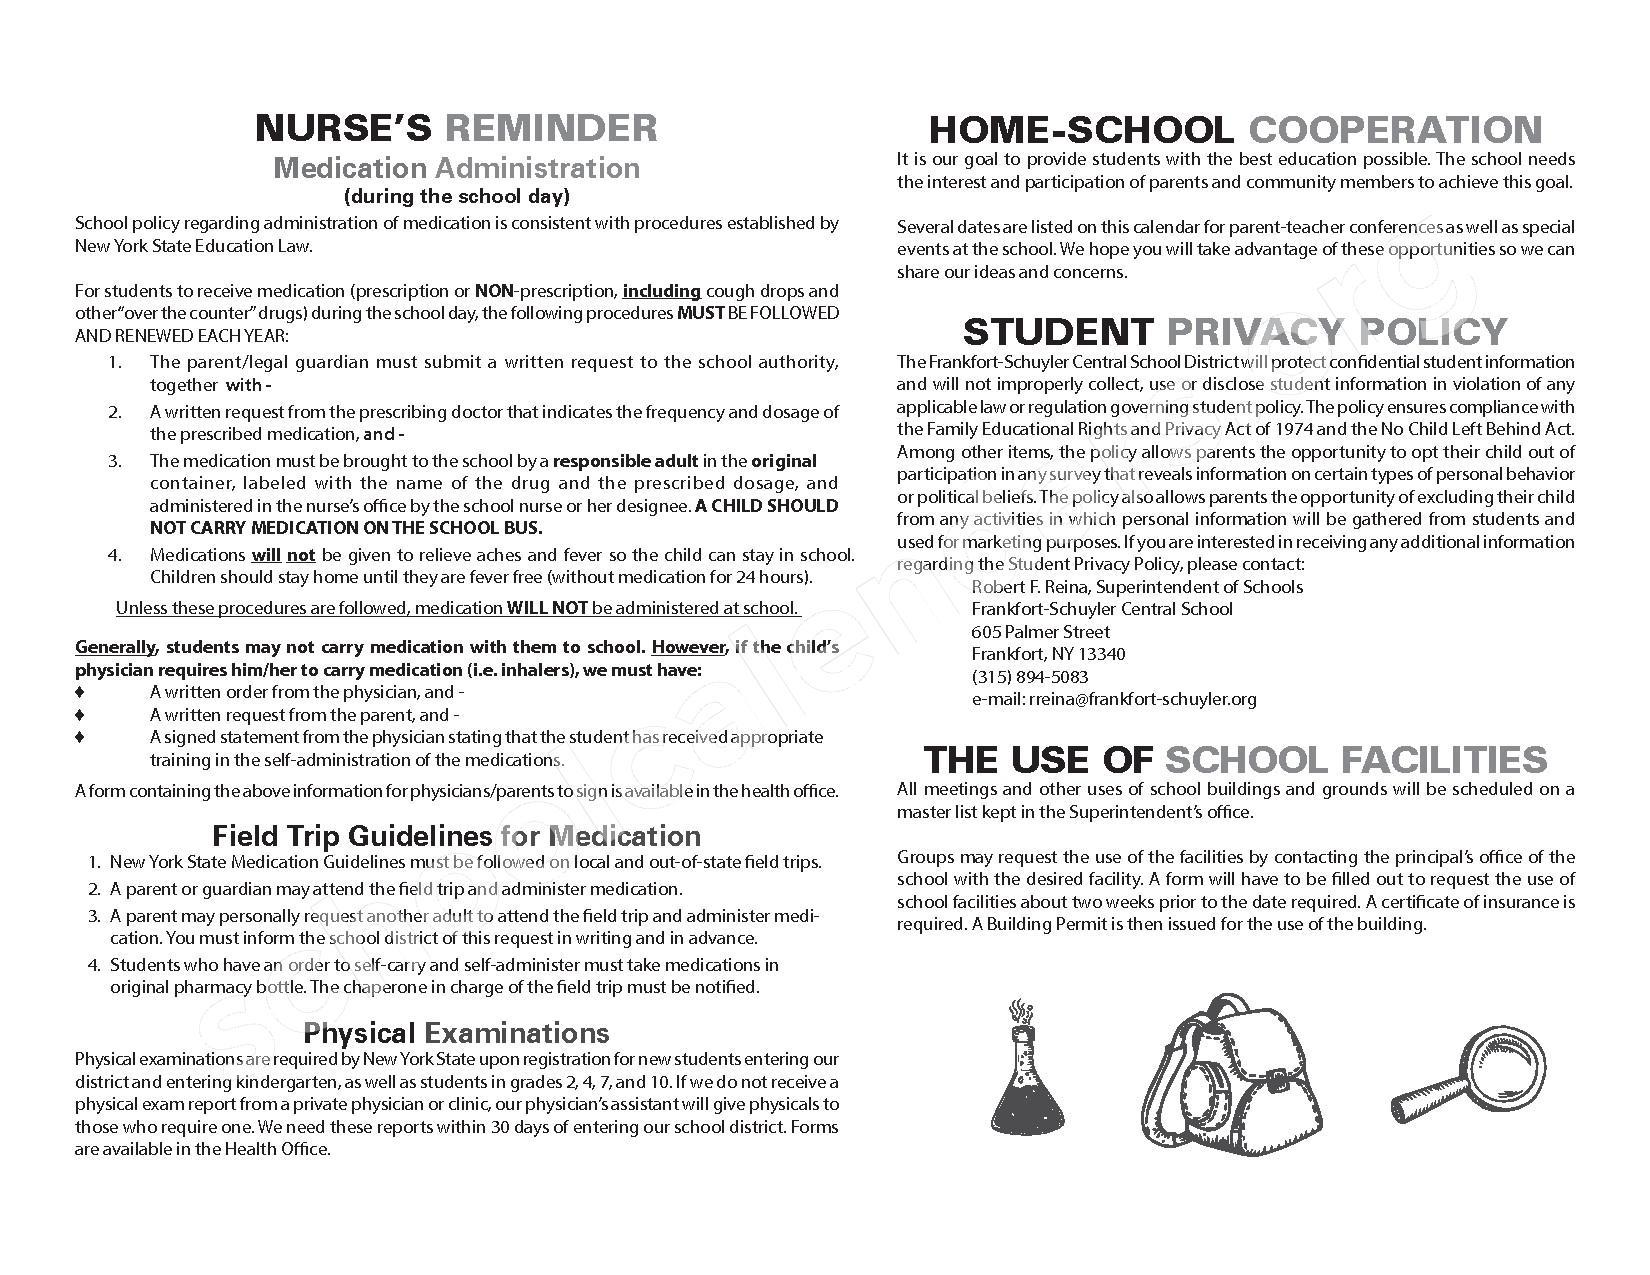 2016 - 2017 School Calendar – West Canada Valley Central School District – page 18